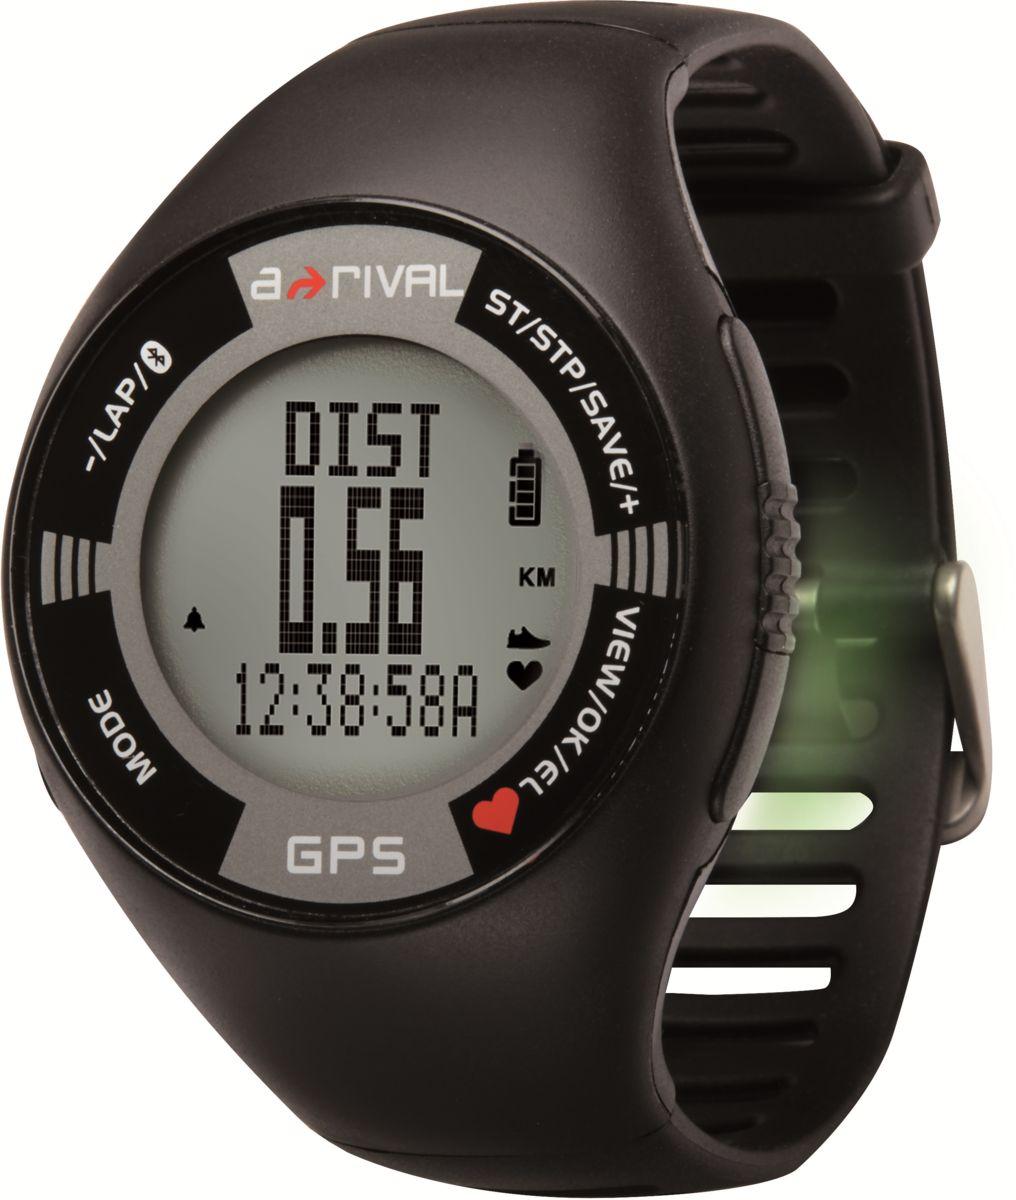 A RIVAL A-Rival GPS Trainingsuhr SpoQ HR